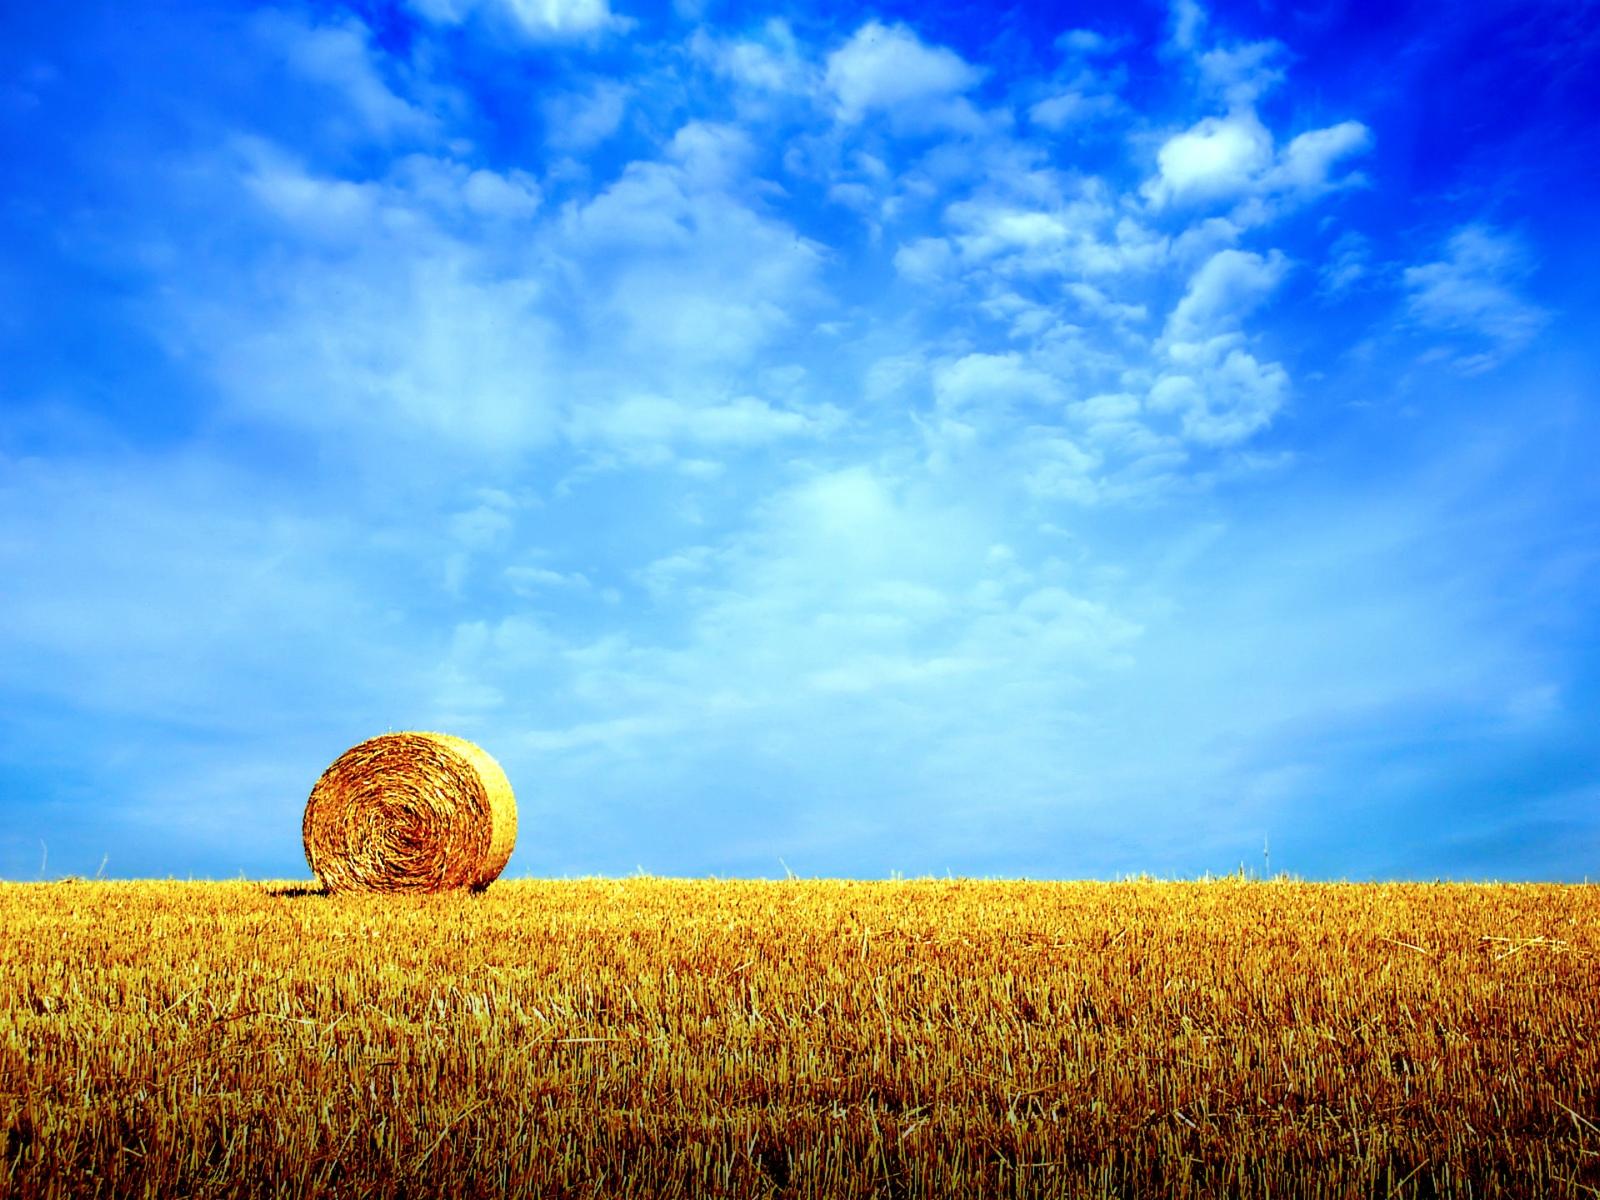 синее небо, голубое небо, перистые облака, скошенная пшеница. сено, лето